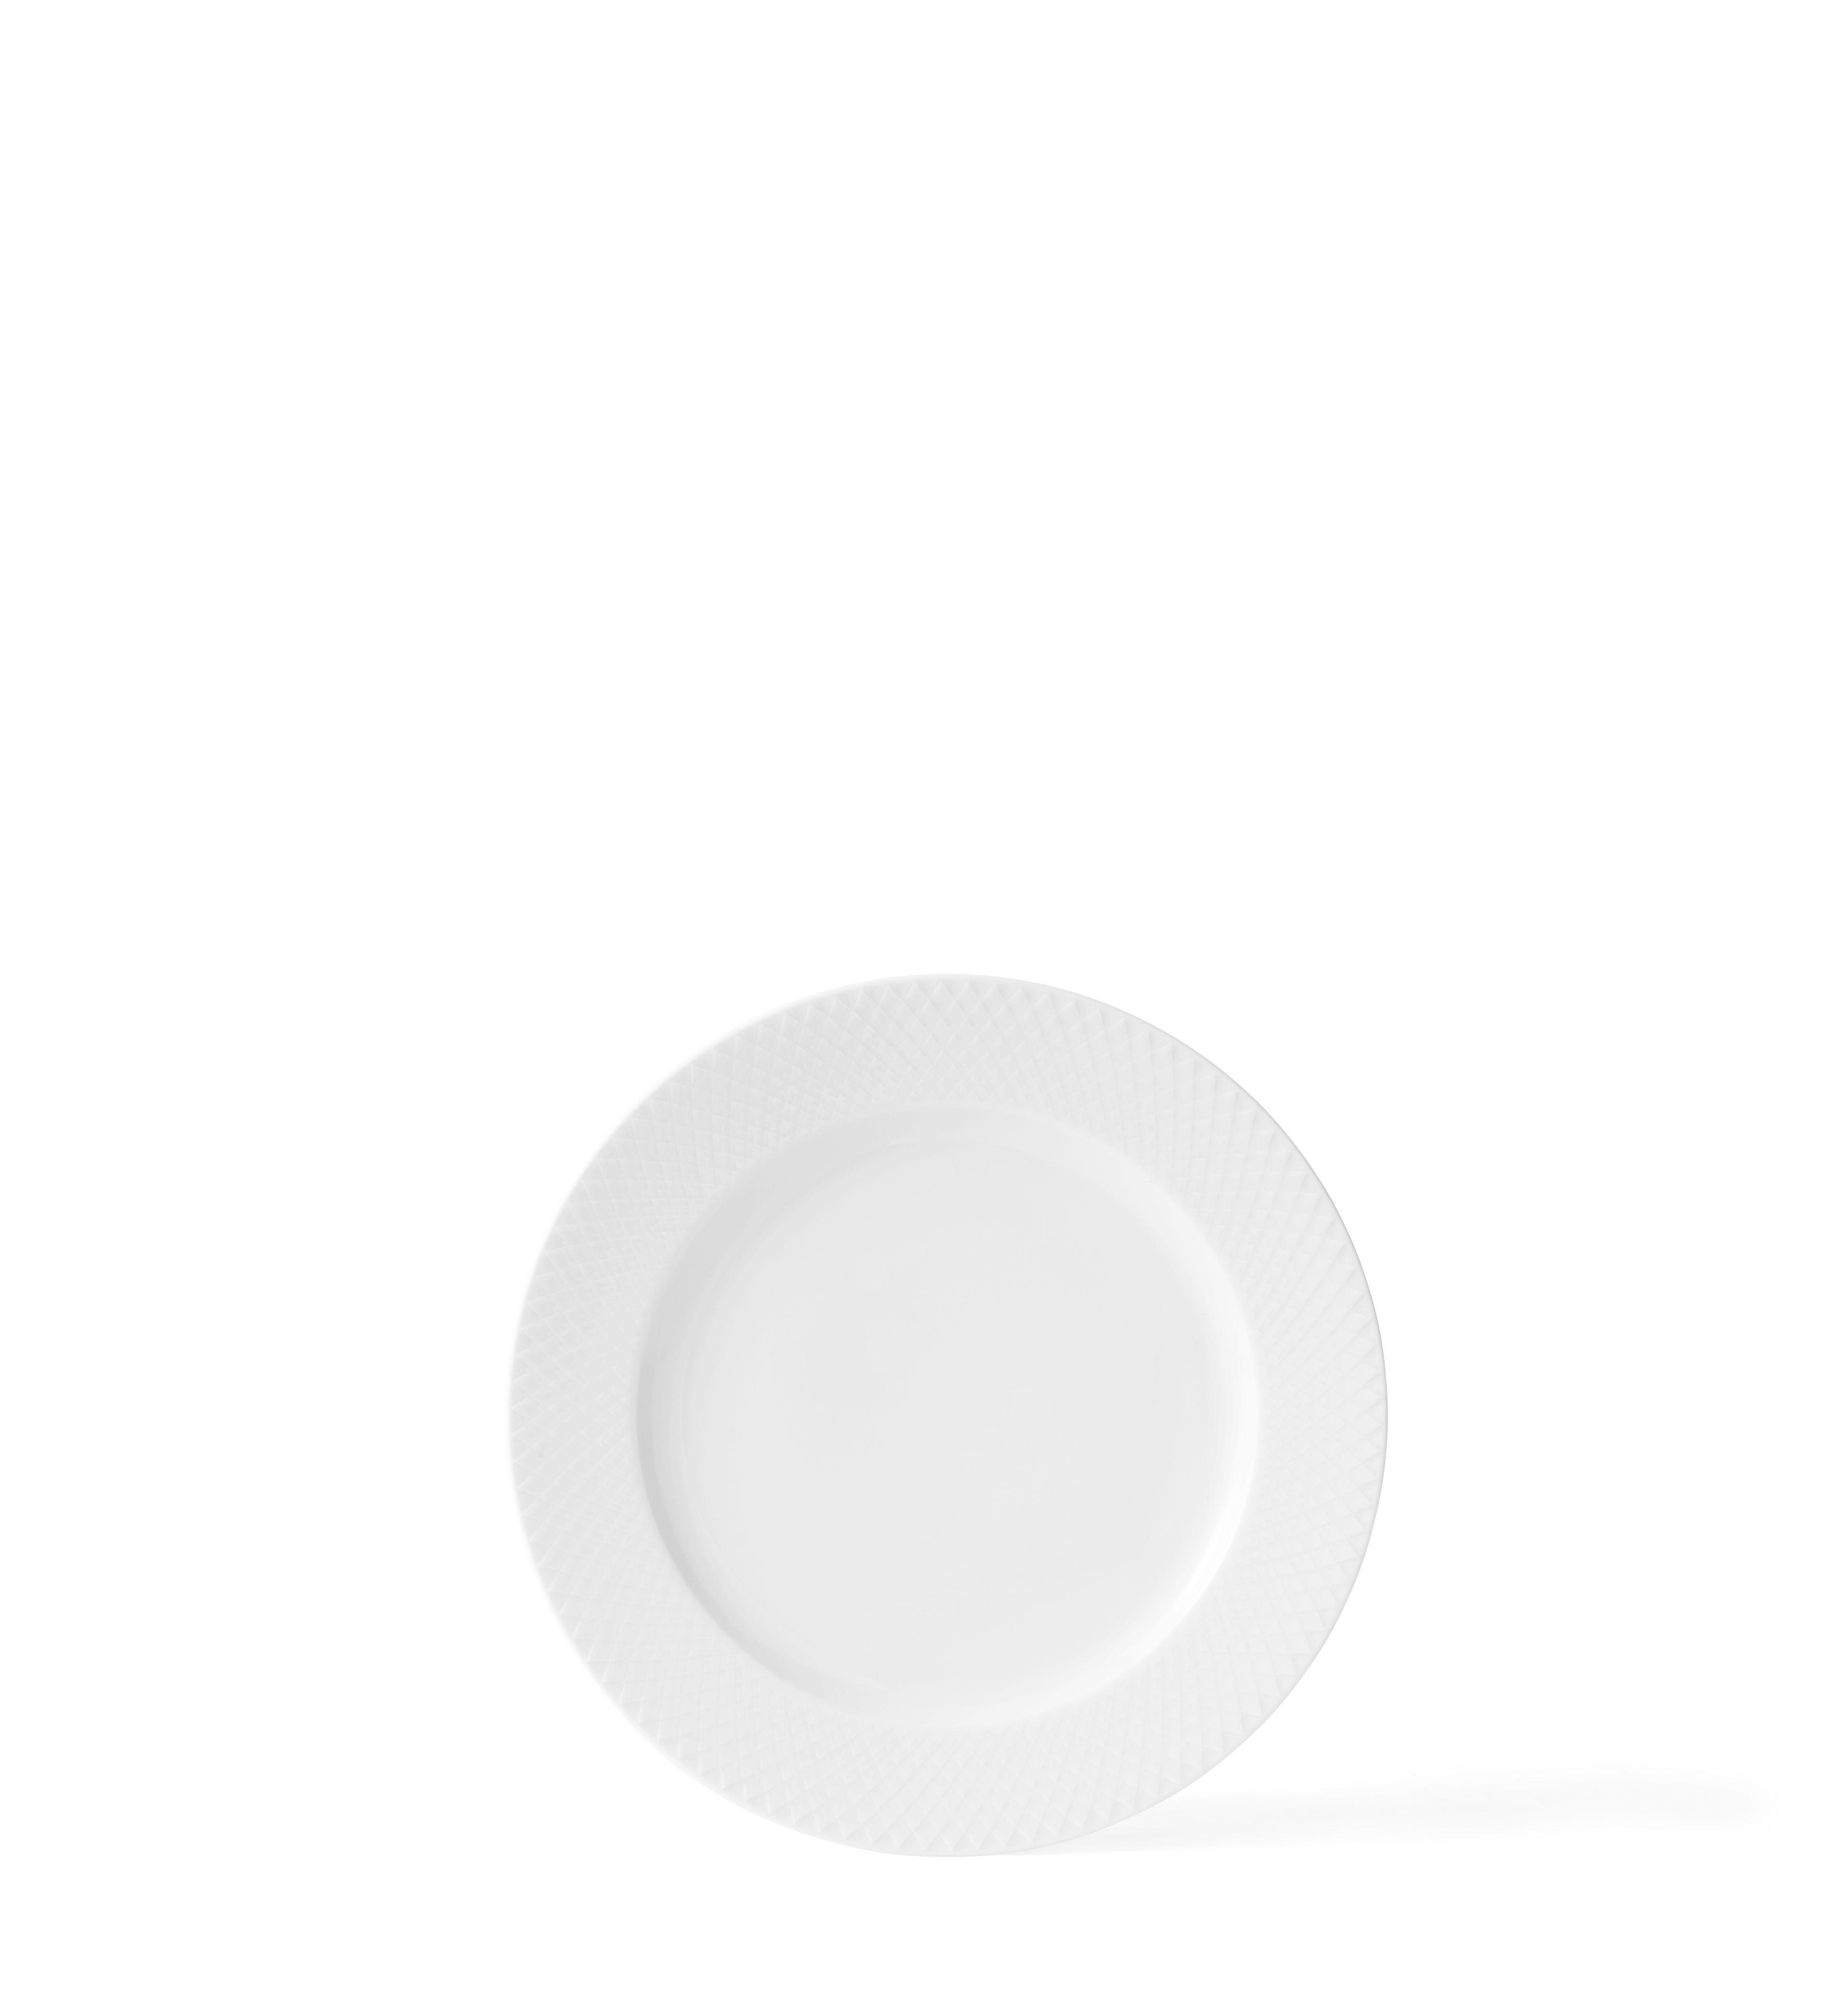 Lyngby Porcelæn Rhombe middagstallerken, Ø27 cm